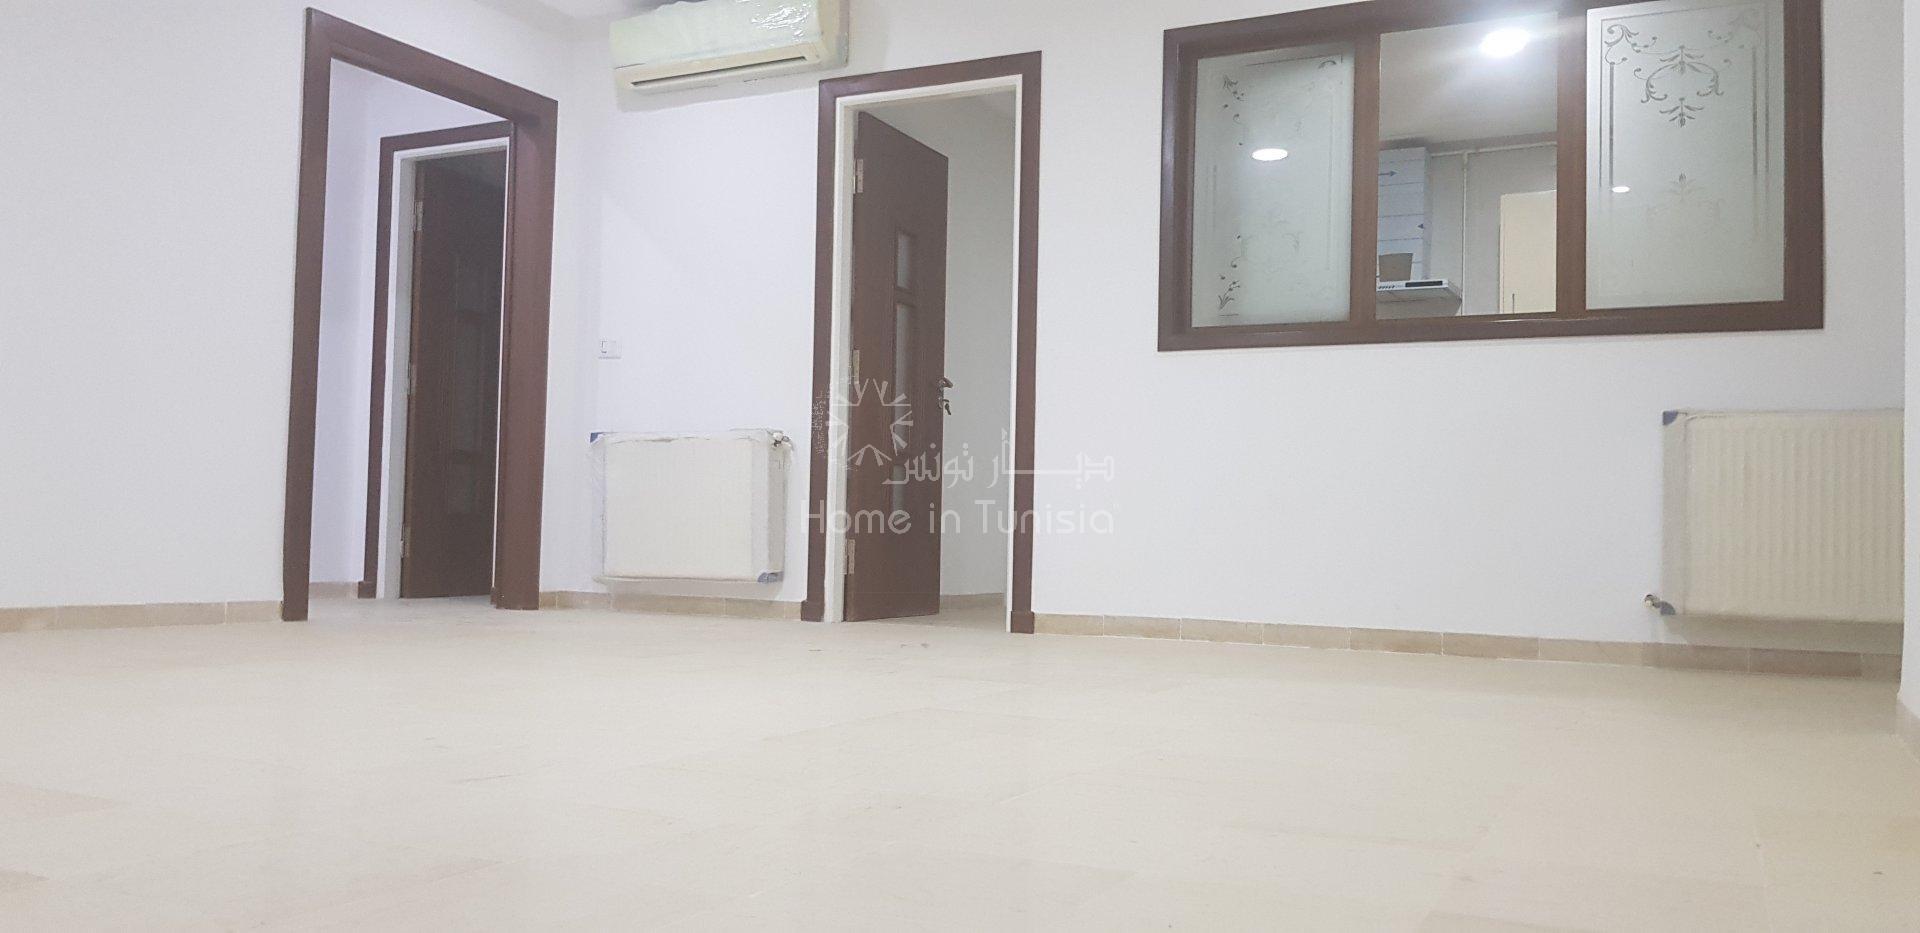 Appartement s+1 a vendre a sousse